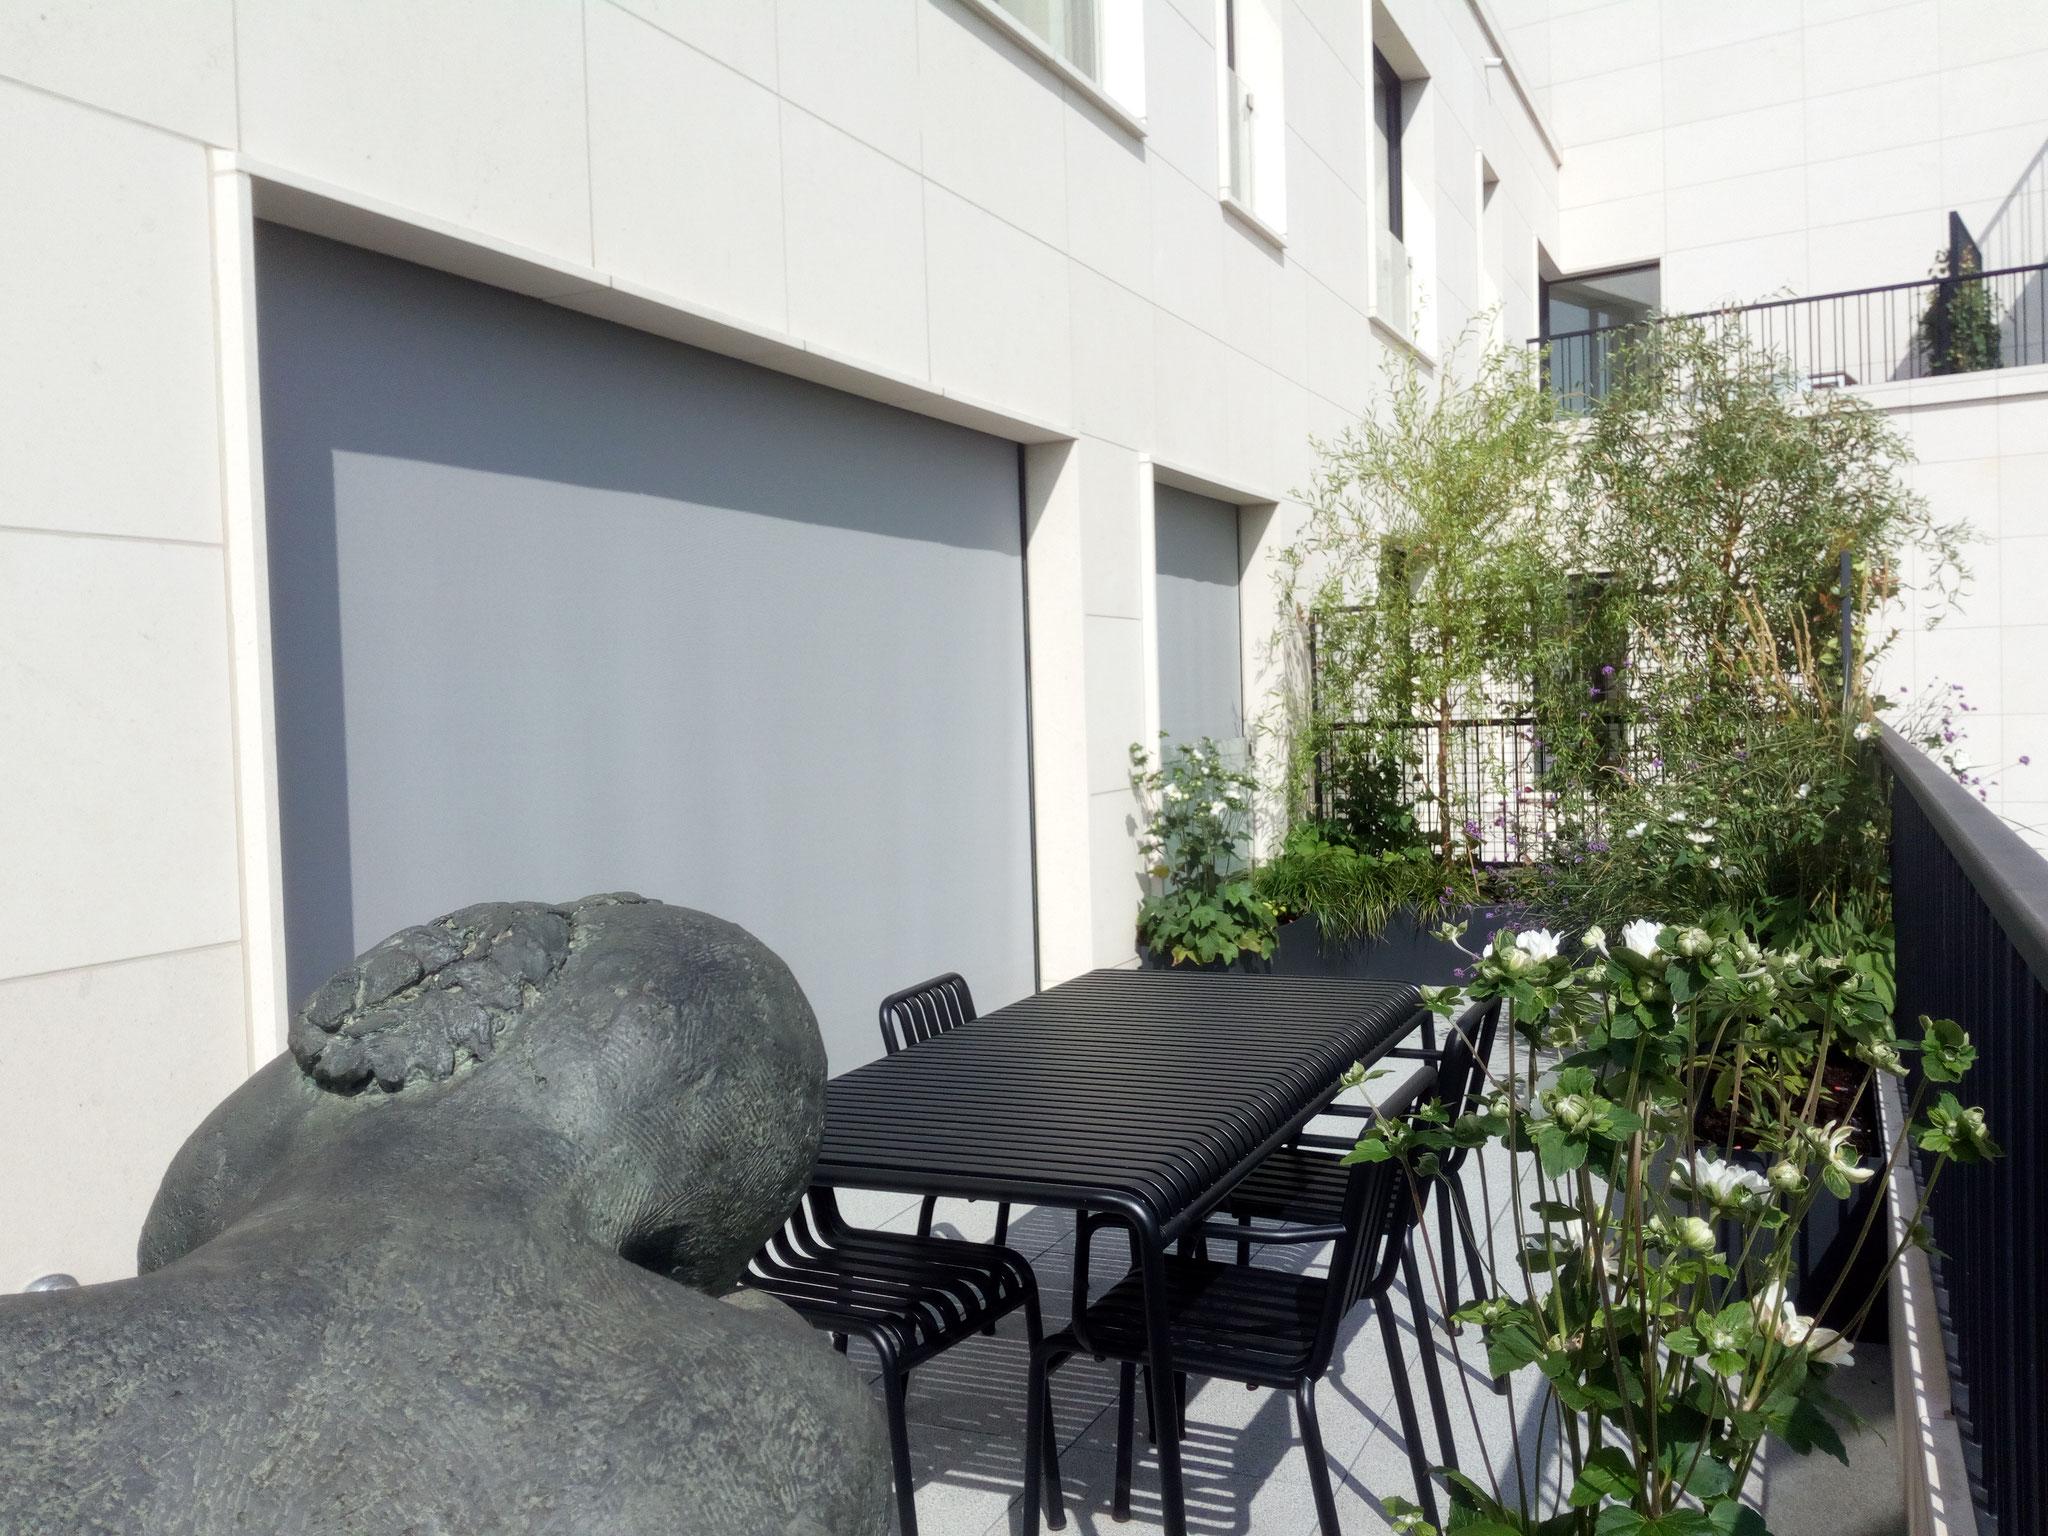 Terrasse de 25m2 - Jardin naturalliste - Vue complète de la terrasse. Aménagement jardin Bruxelles